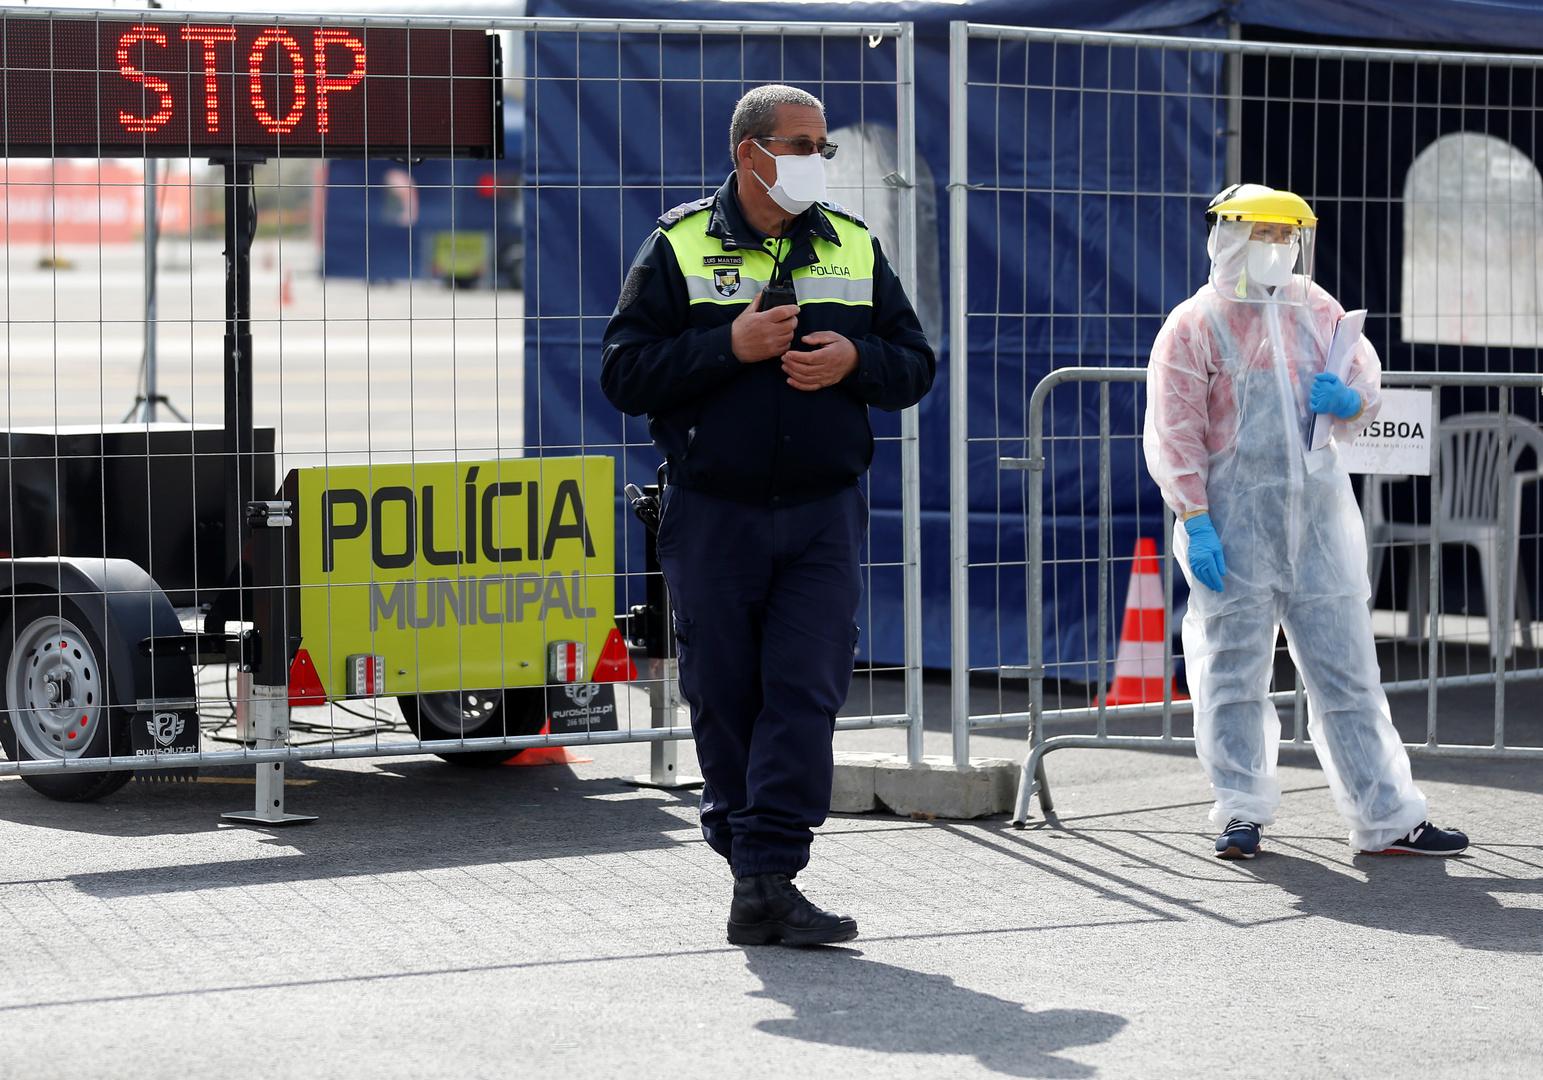 البرتغال.. أكثر من 700 إصابة جديدة بكورونا والوفيات تقترب من 80